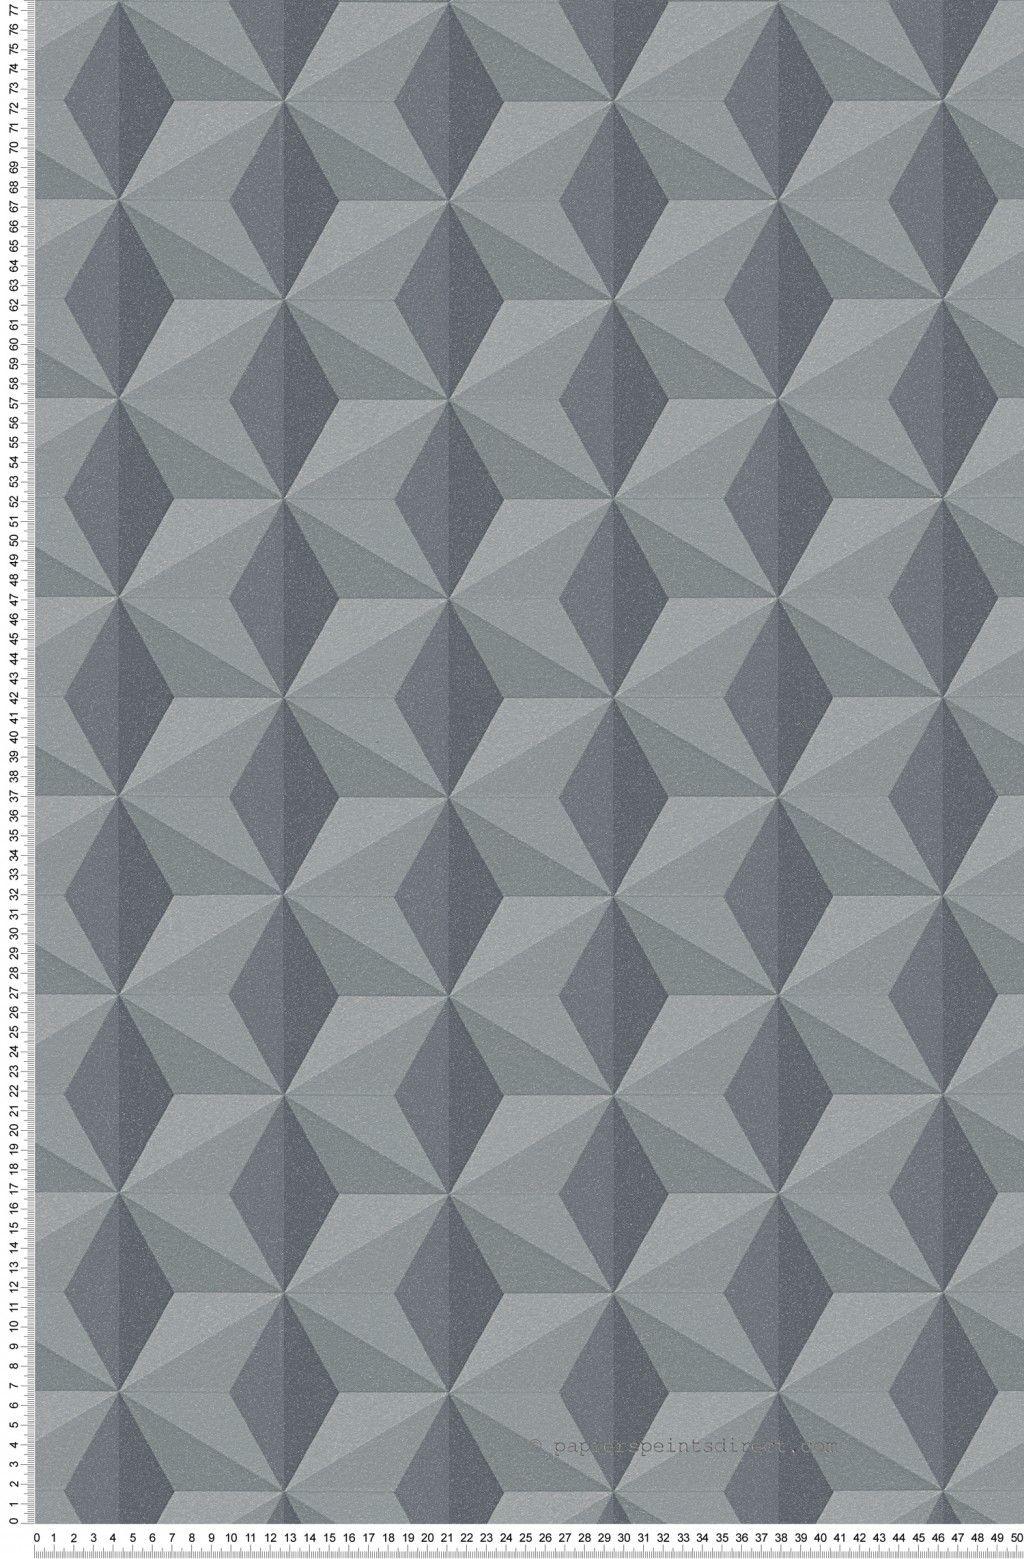 Papier Peint À Motifs à motifs géométriques anthracite noir - life 3 et life 4 d'as création